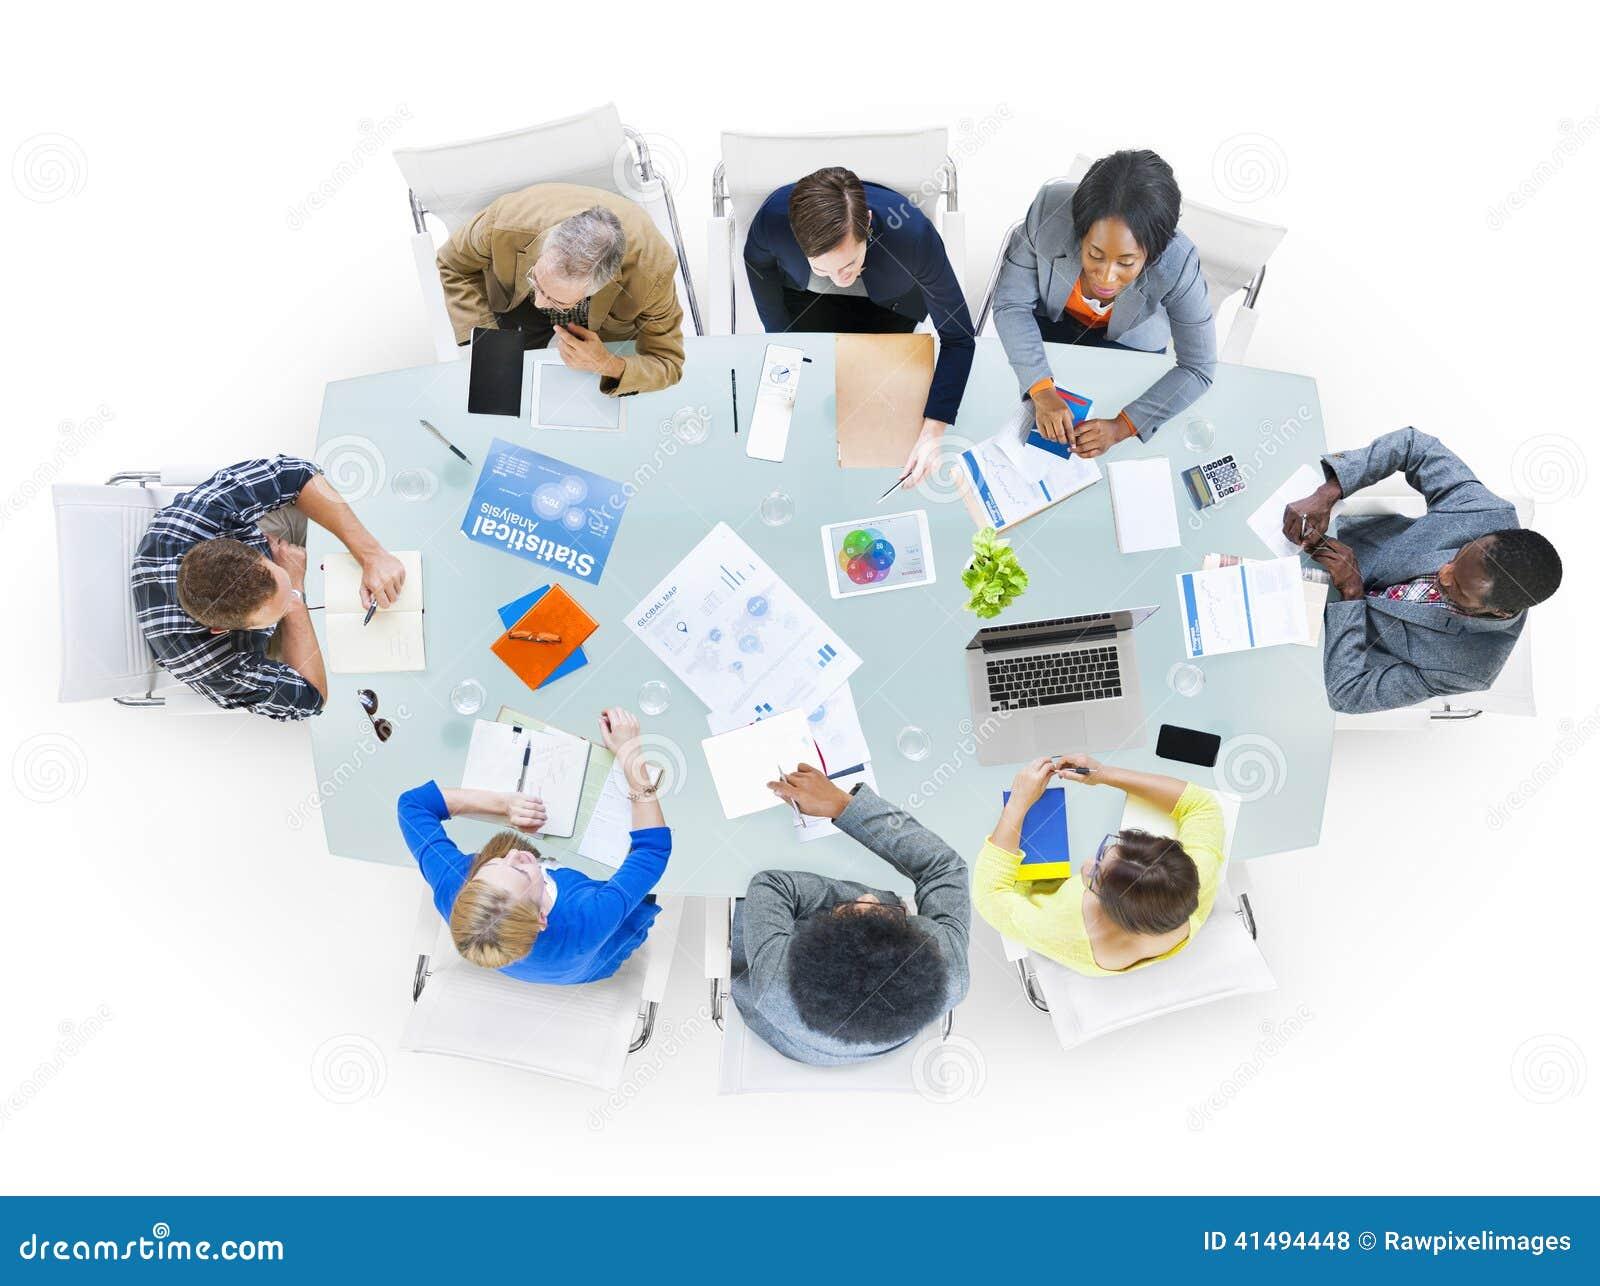 Ομάδα επιχειρηματιών που συζητούν τα επιχειρησιακά ζητήματα